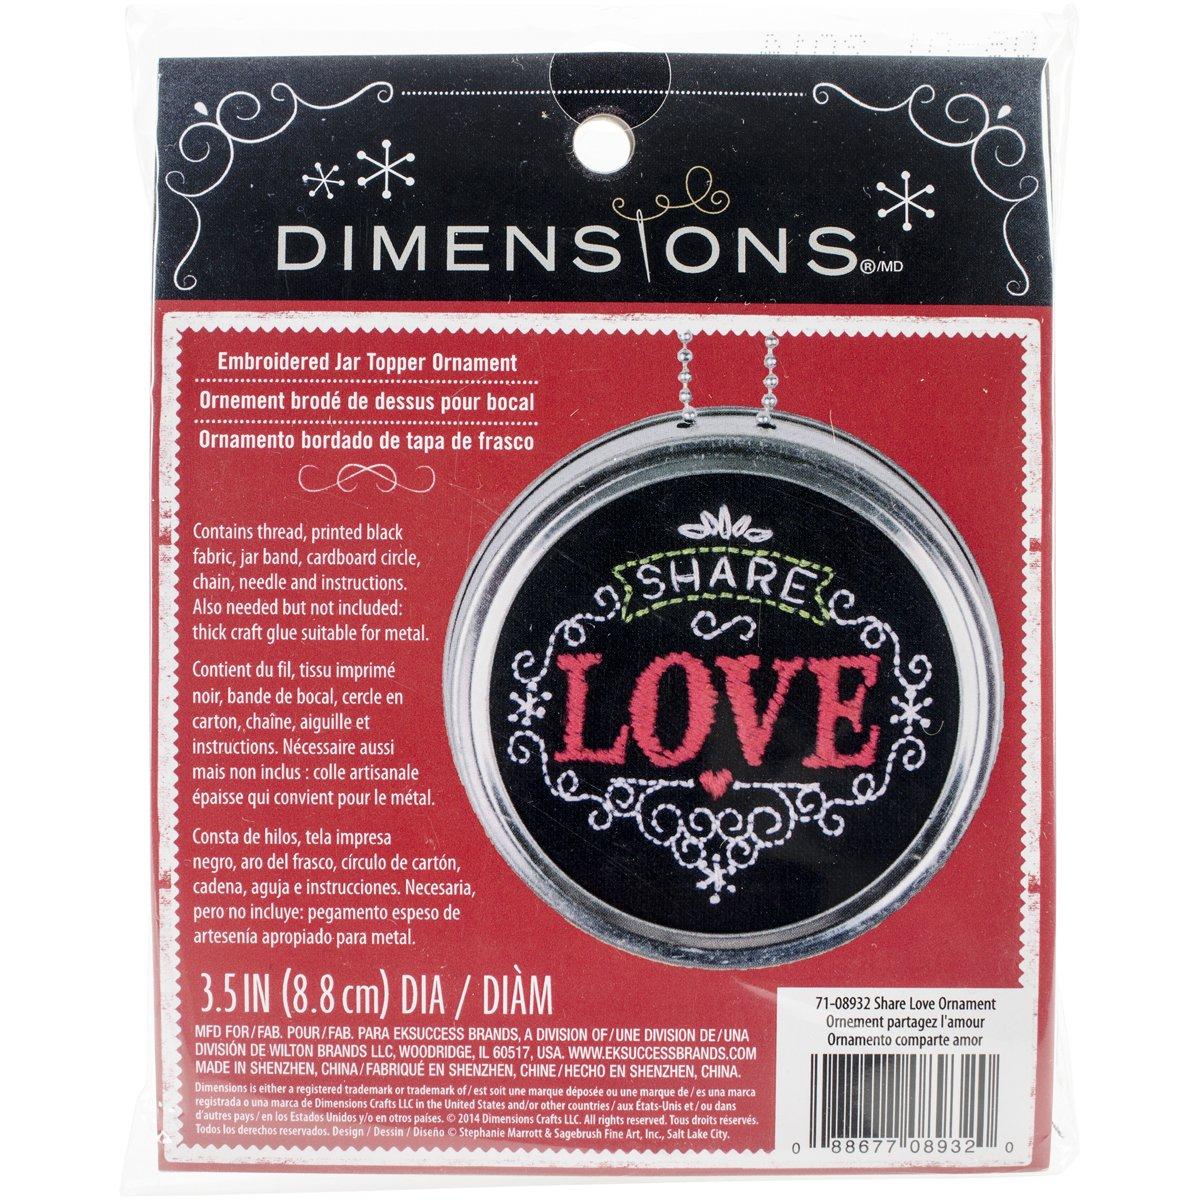 Dimensioni Condividere Amore Ornamento Timbrato Kit di Ricamo, Diametro 8,9 cm.